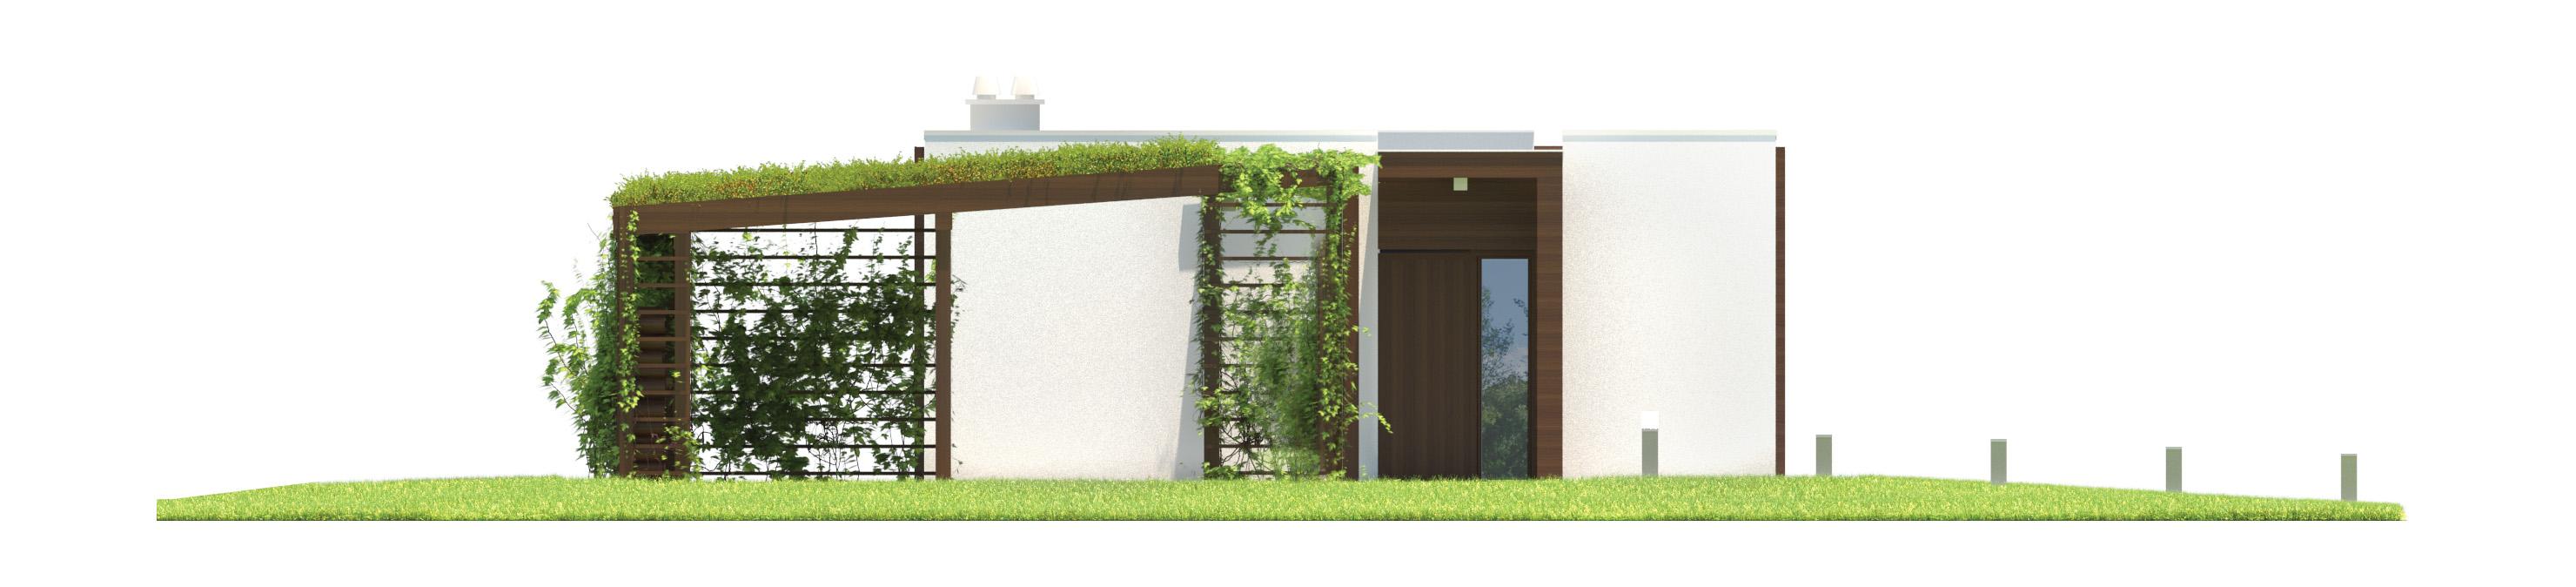 Projekt domu NOWOCZESNY Domy Czystej Energii elewacja frontowa